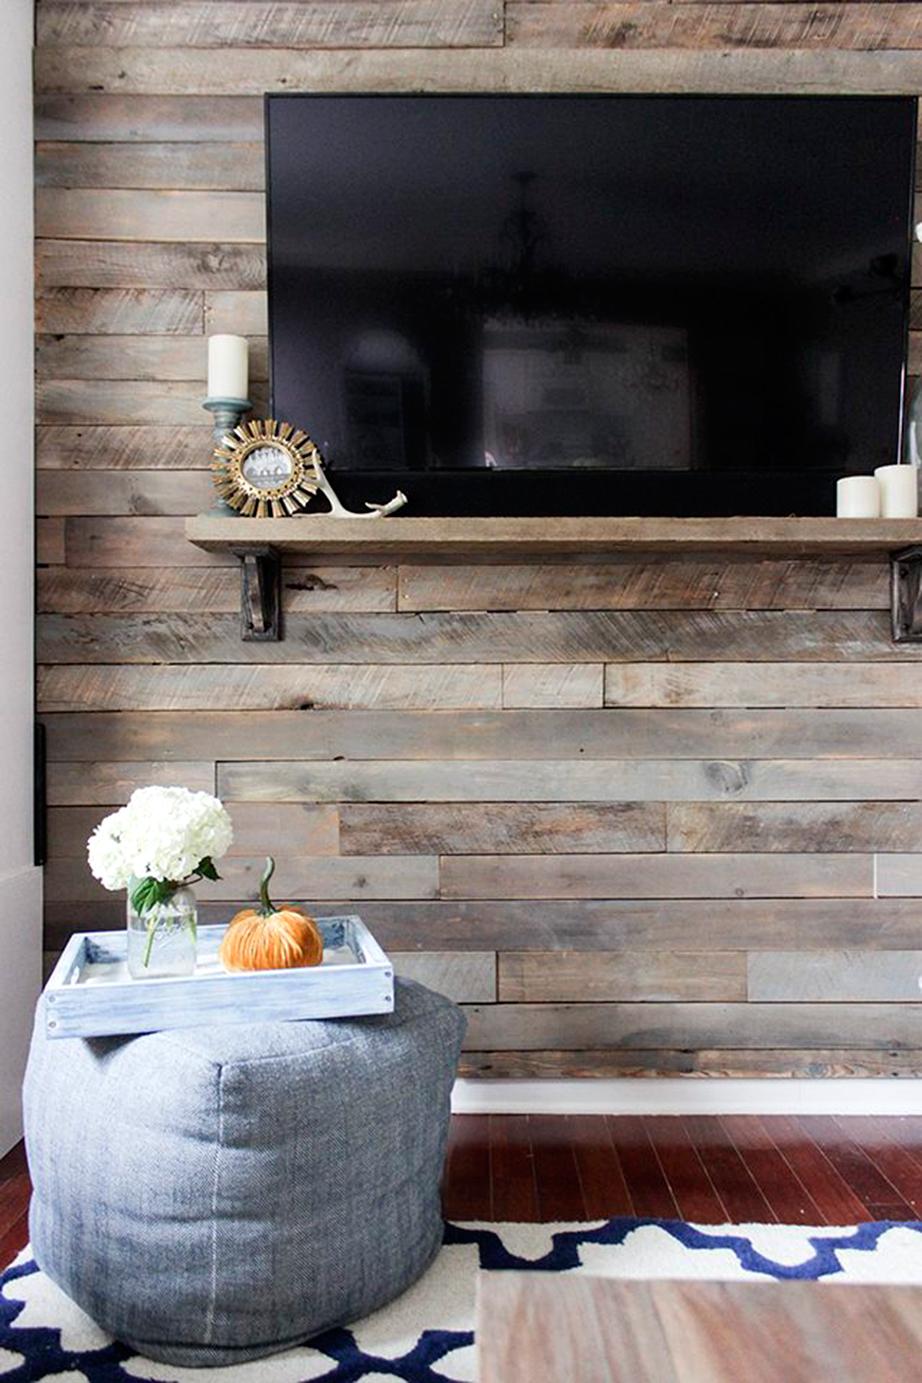 Η μεταμόρφωση του χώρους με την κάλυψη ενός τοίχου με ξύλου θα σας ξαφνιάσει ευχάριστα.